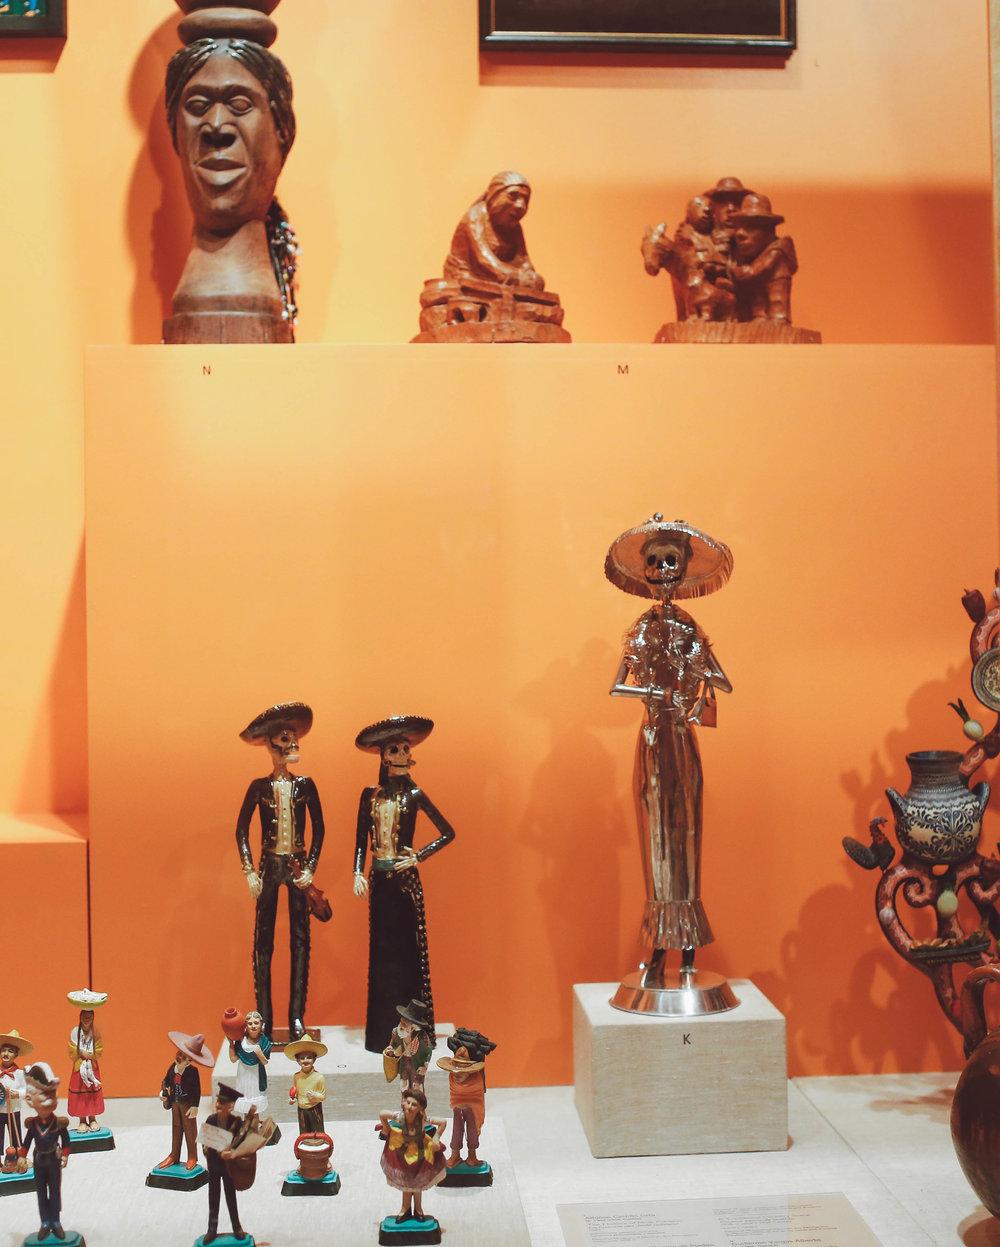 pilsenmuseum-6.jpg